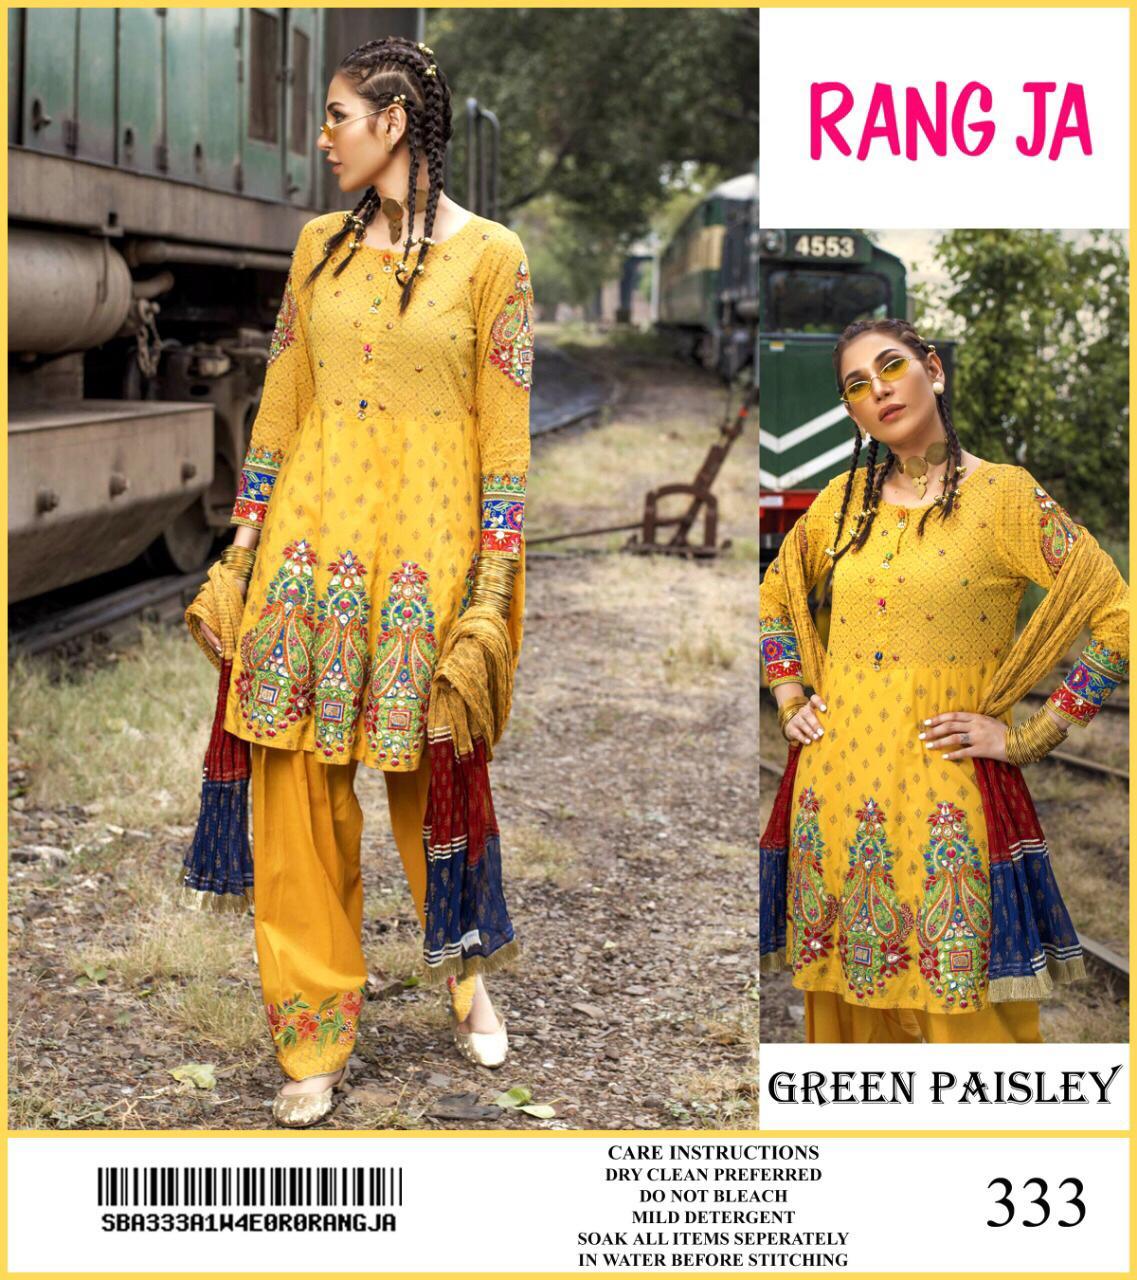 RANG JA LINEN 2pcs